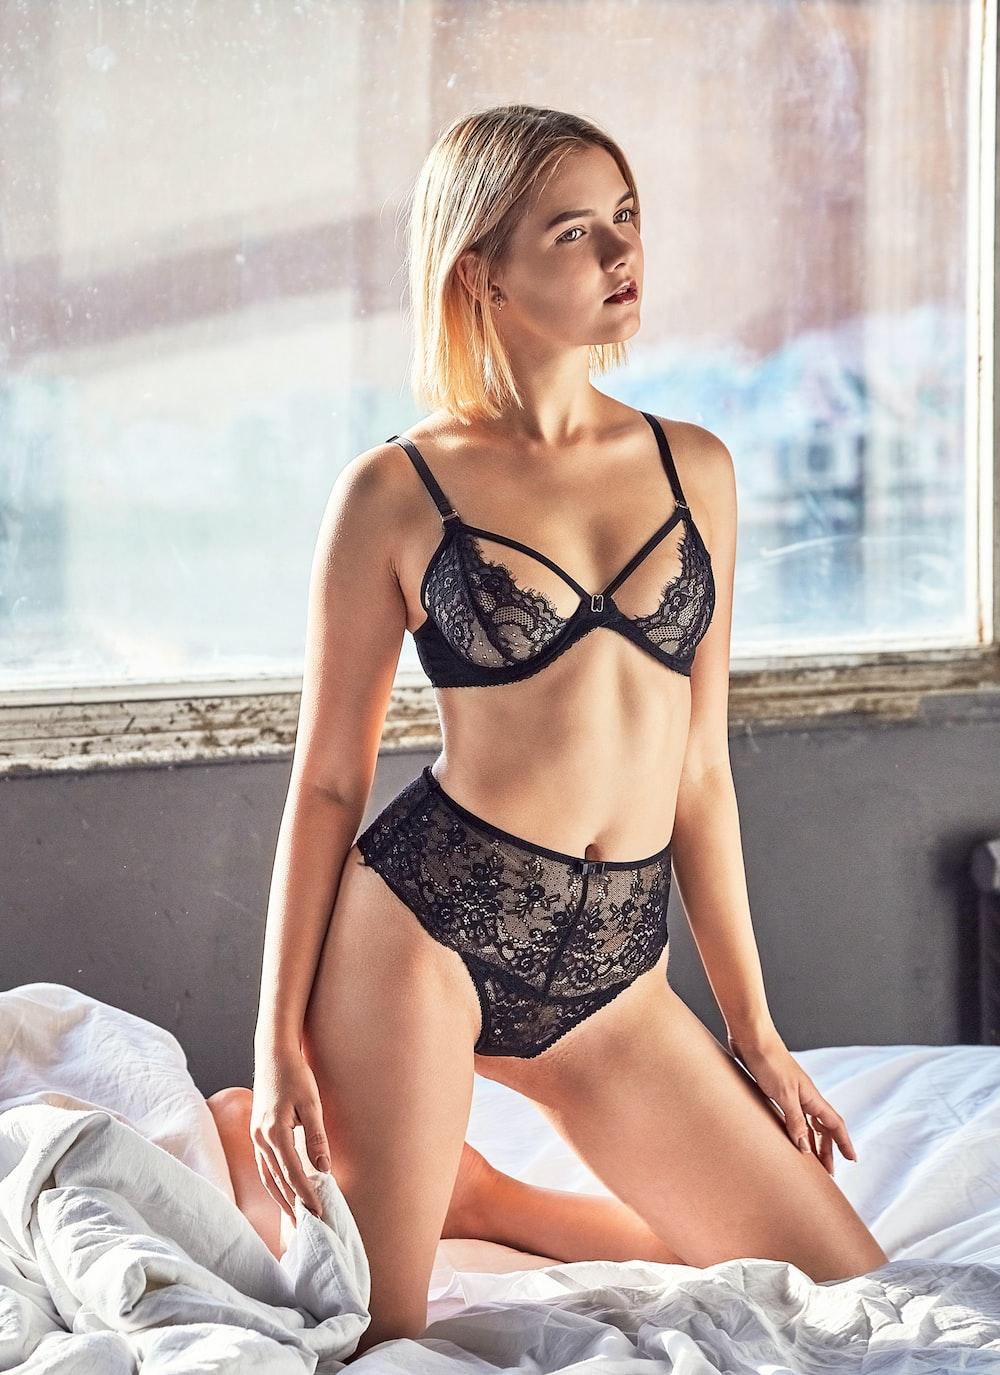 woman kneeling on bed